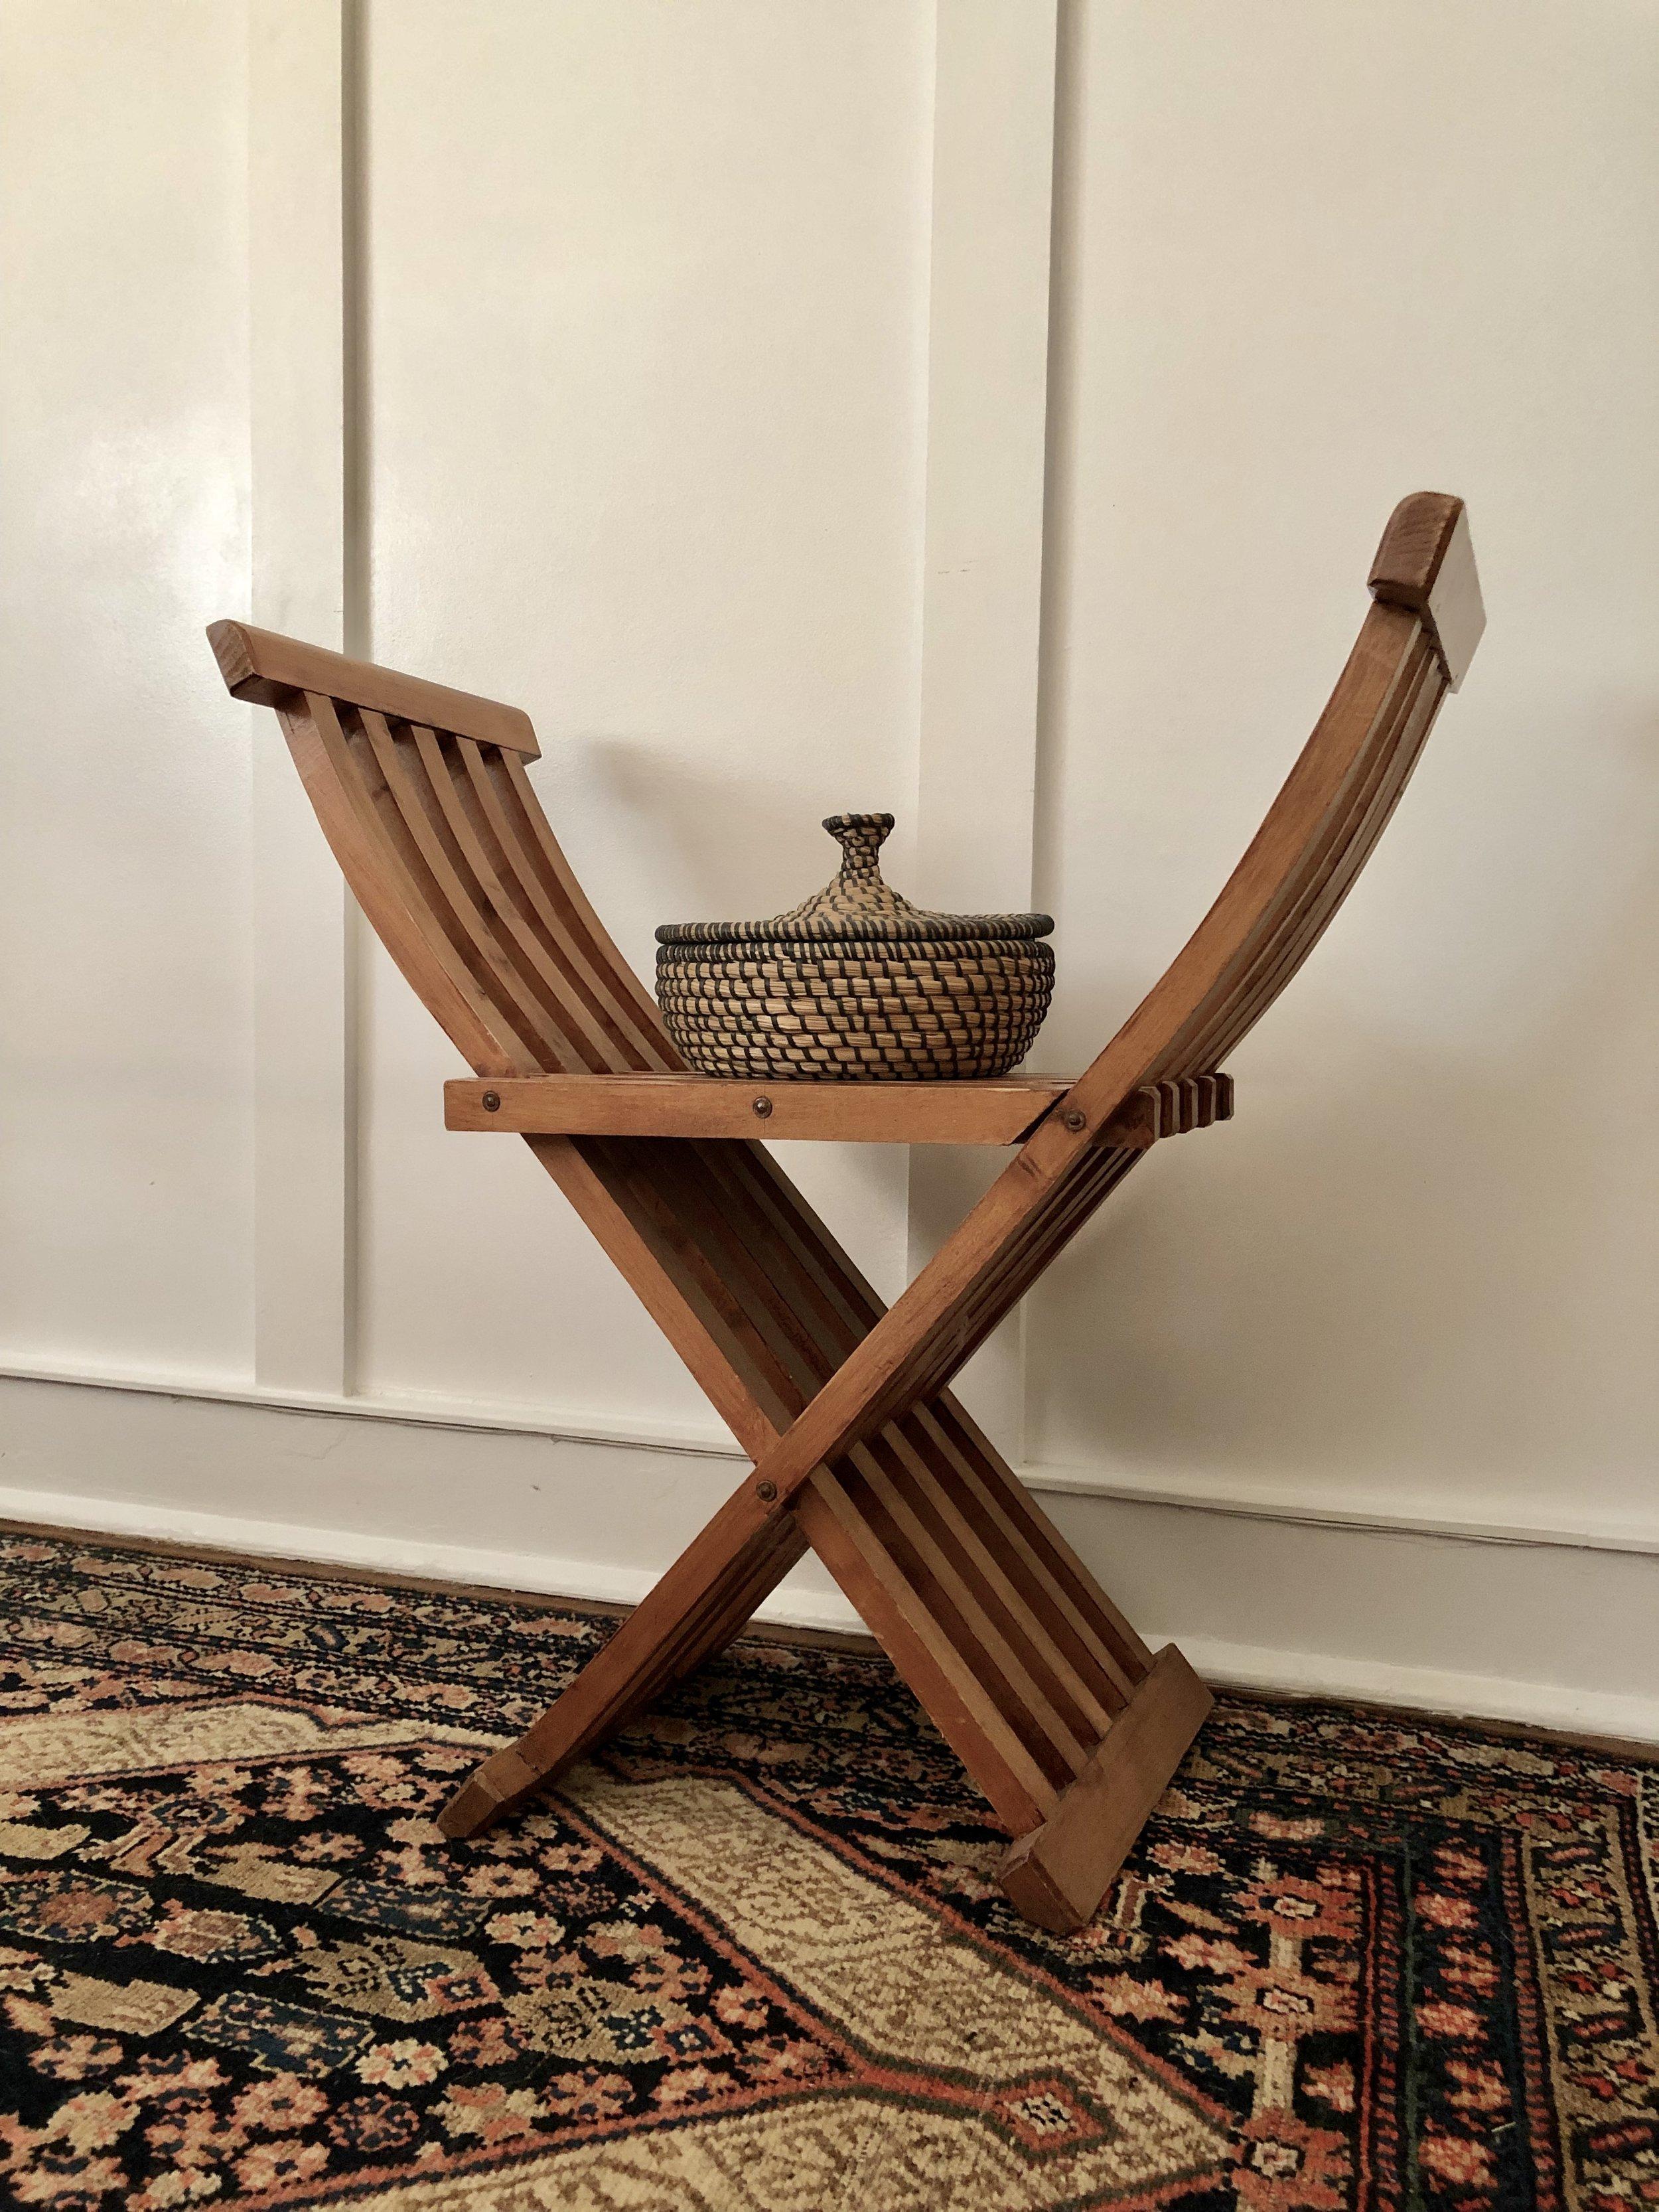 x-frame chair